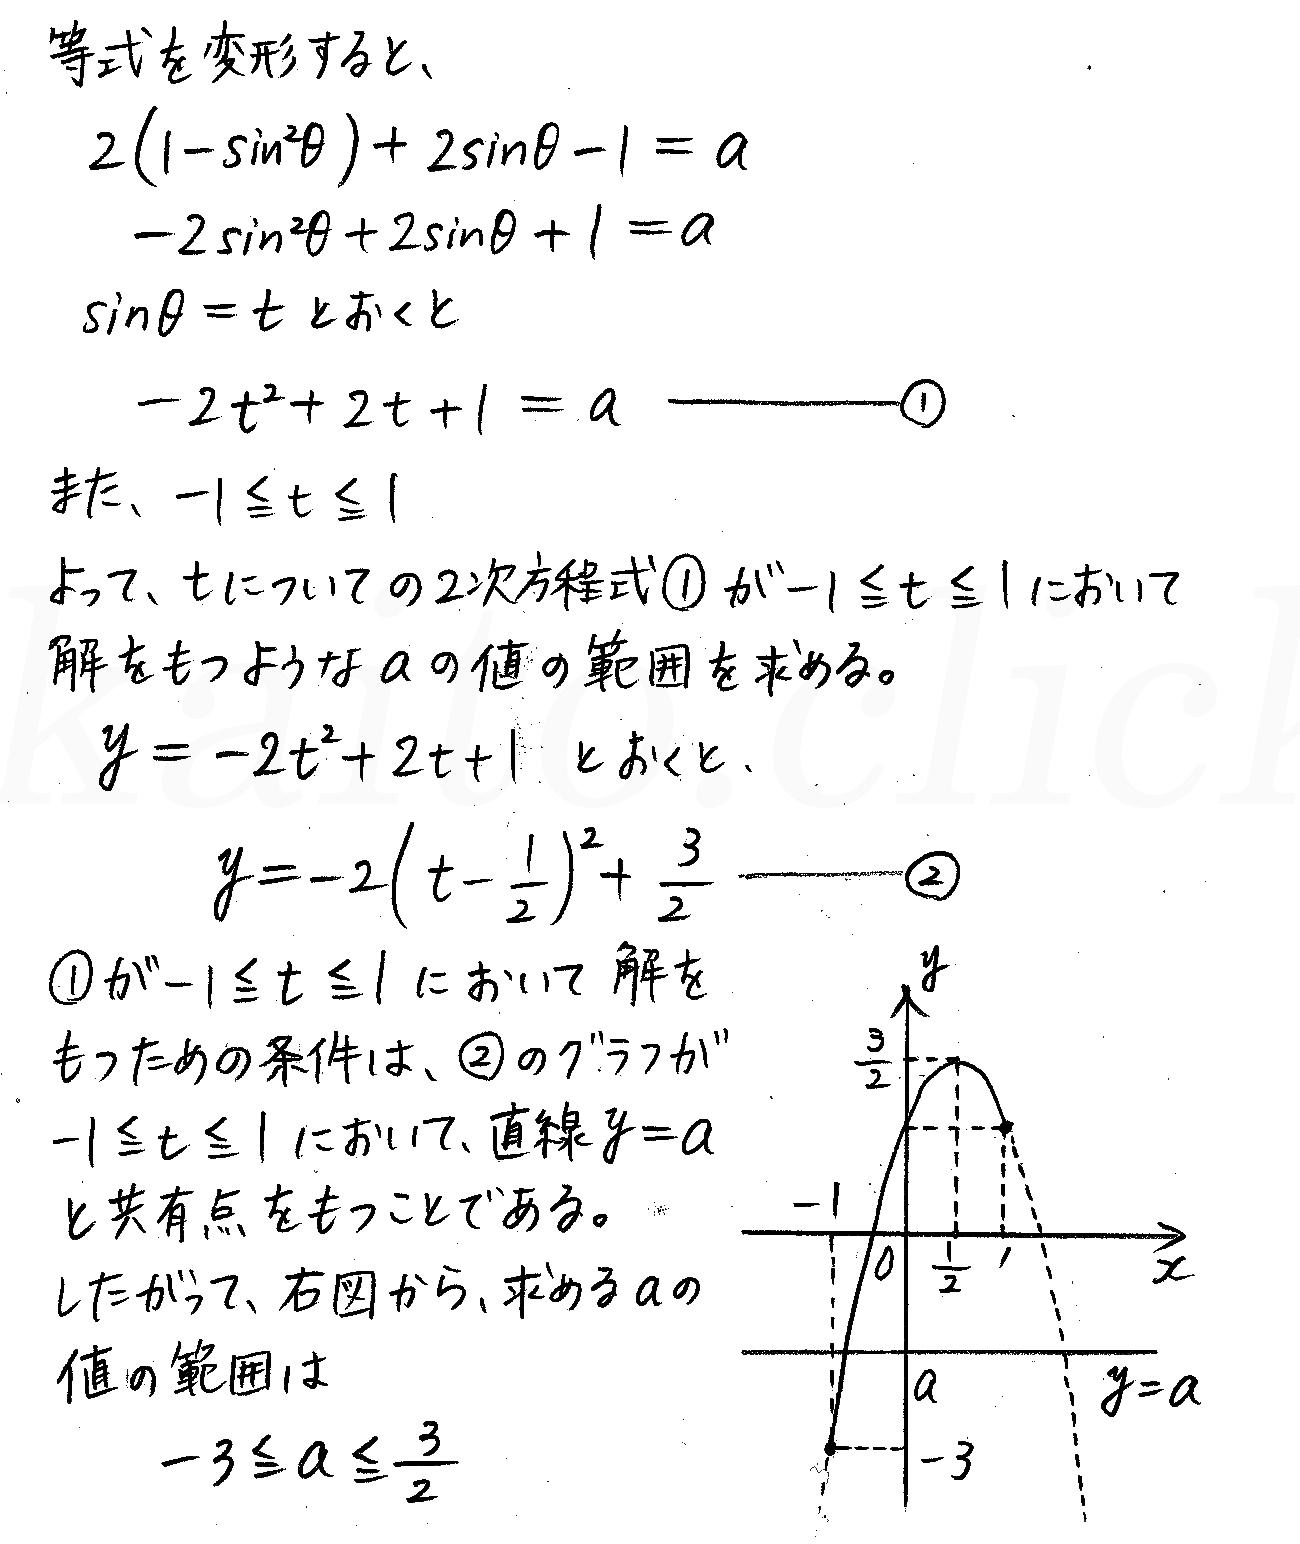 クリアー数学2-310解答